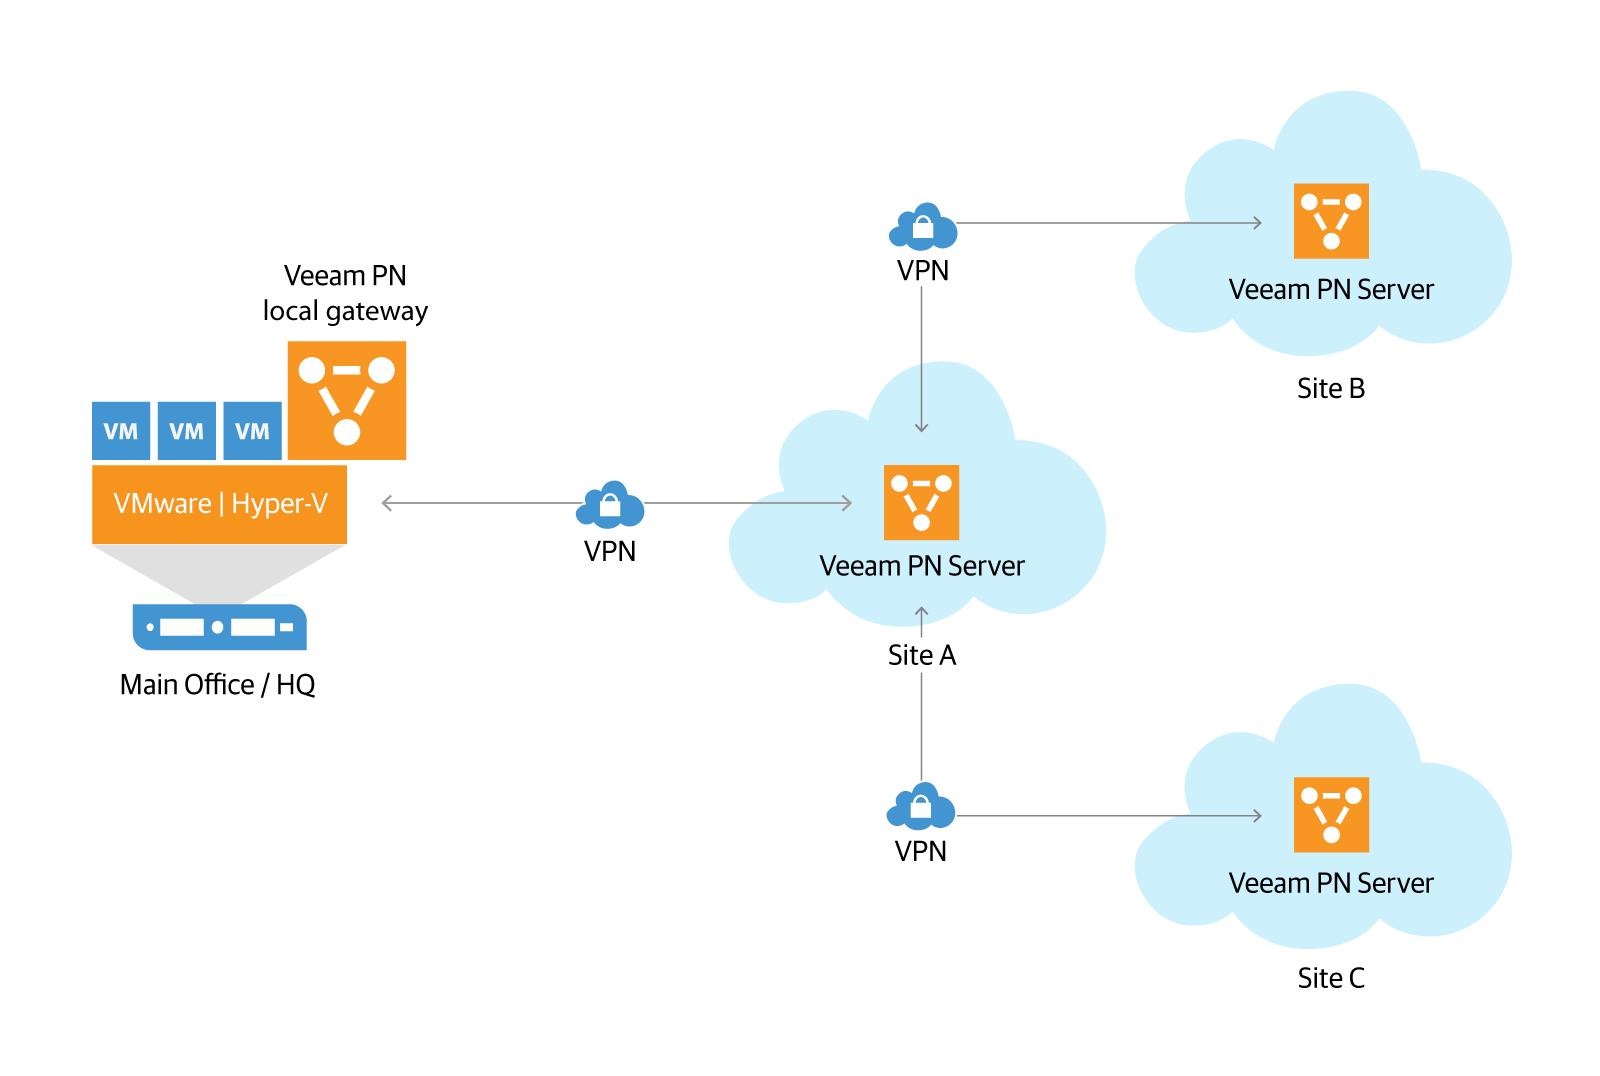 veeam_pn_cloud-to-cloud.png